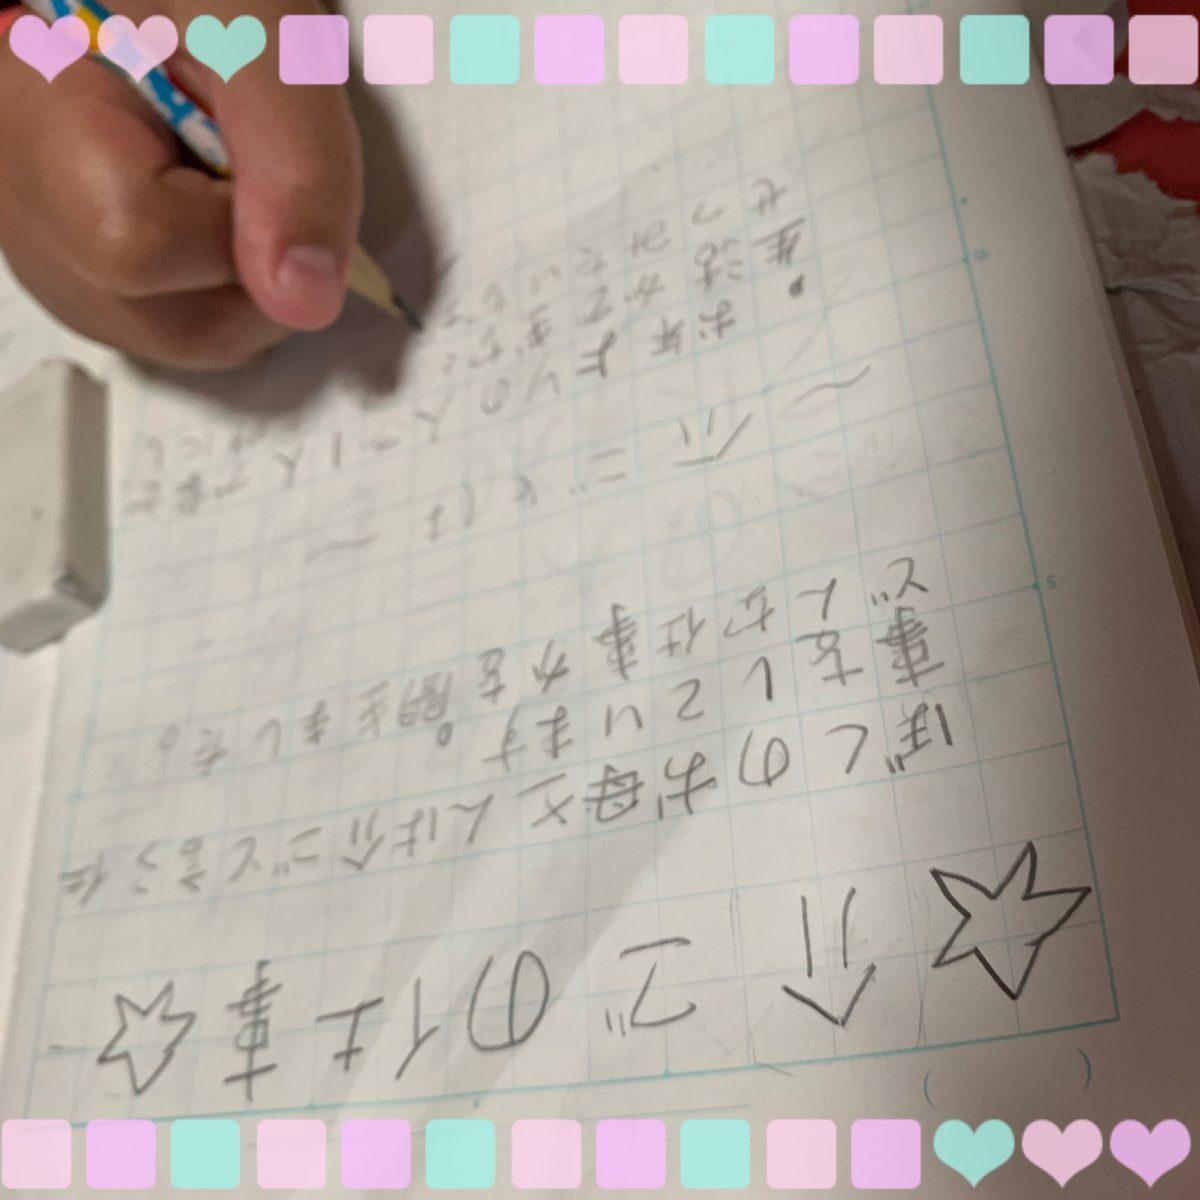 【寝屋川】小5の宿題、、、🤔